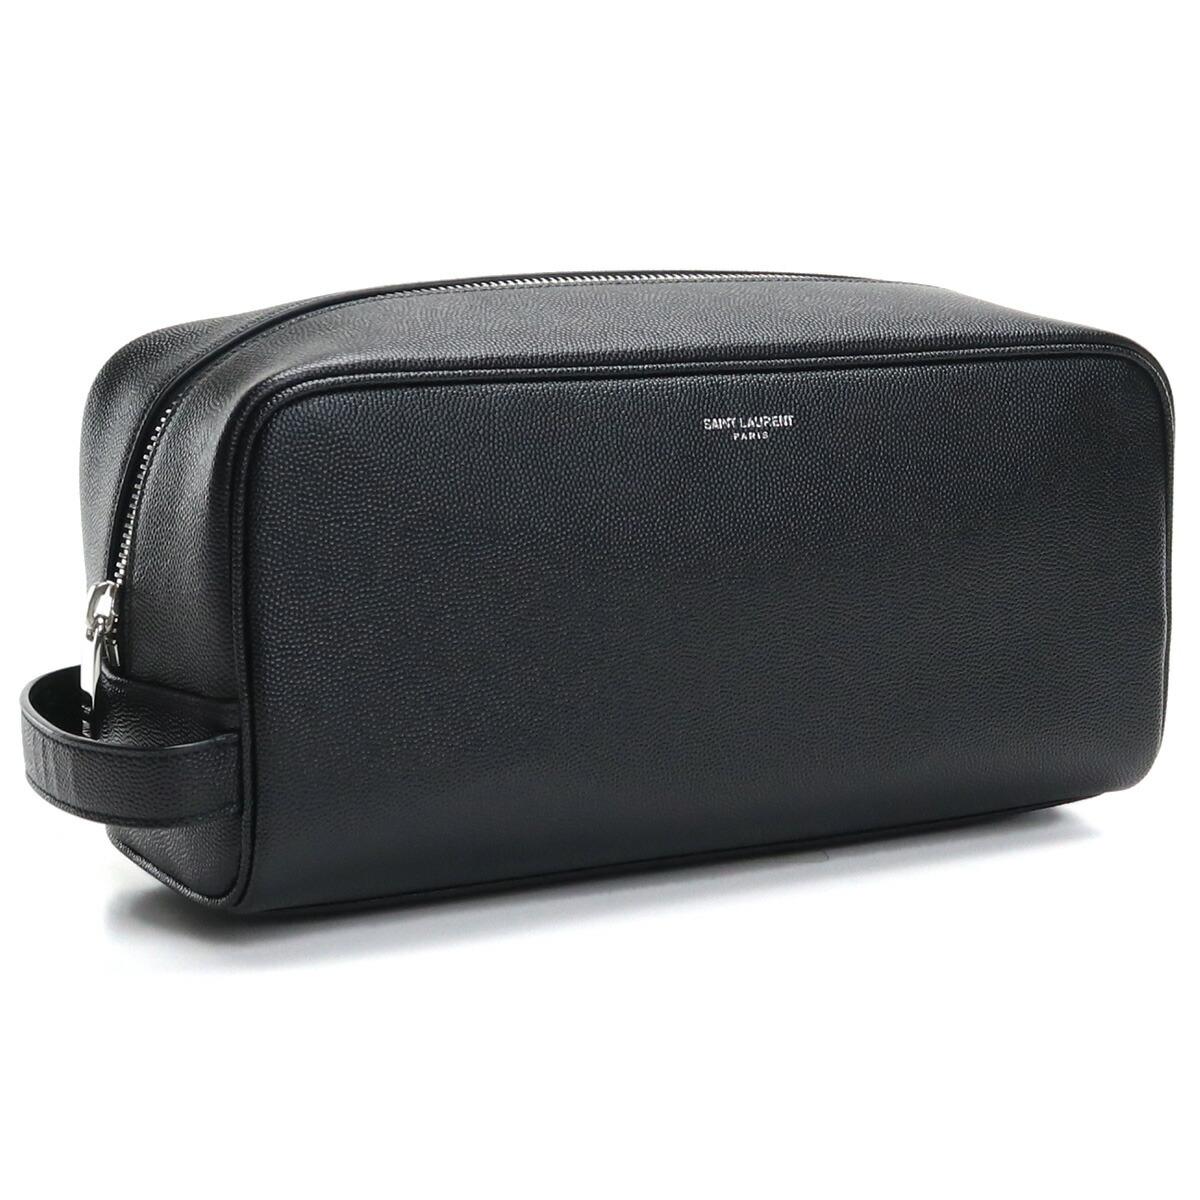 サンローラン SAINT LAURENT セカンドバッグ サフィアノレザー 型押し 609347 1GF0N 1000 ブラック bos-14 bag-01 メンズ